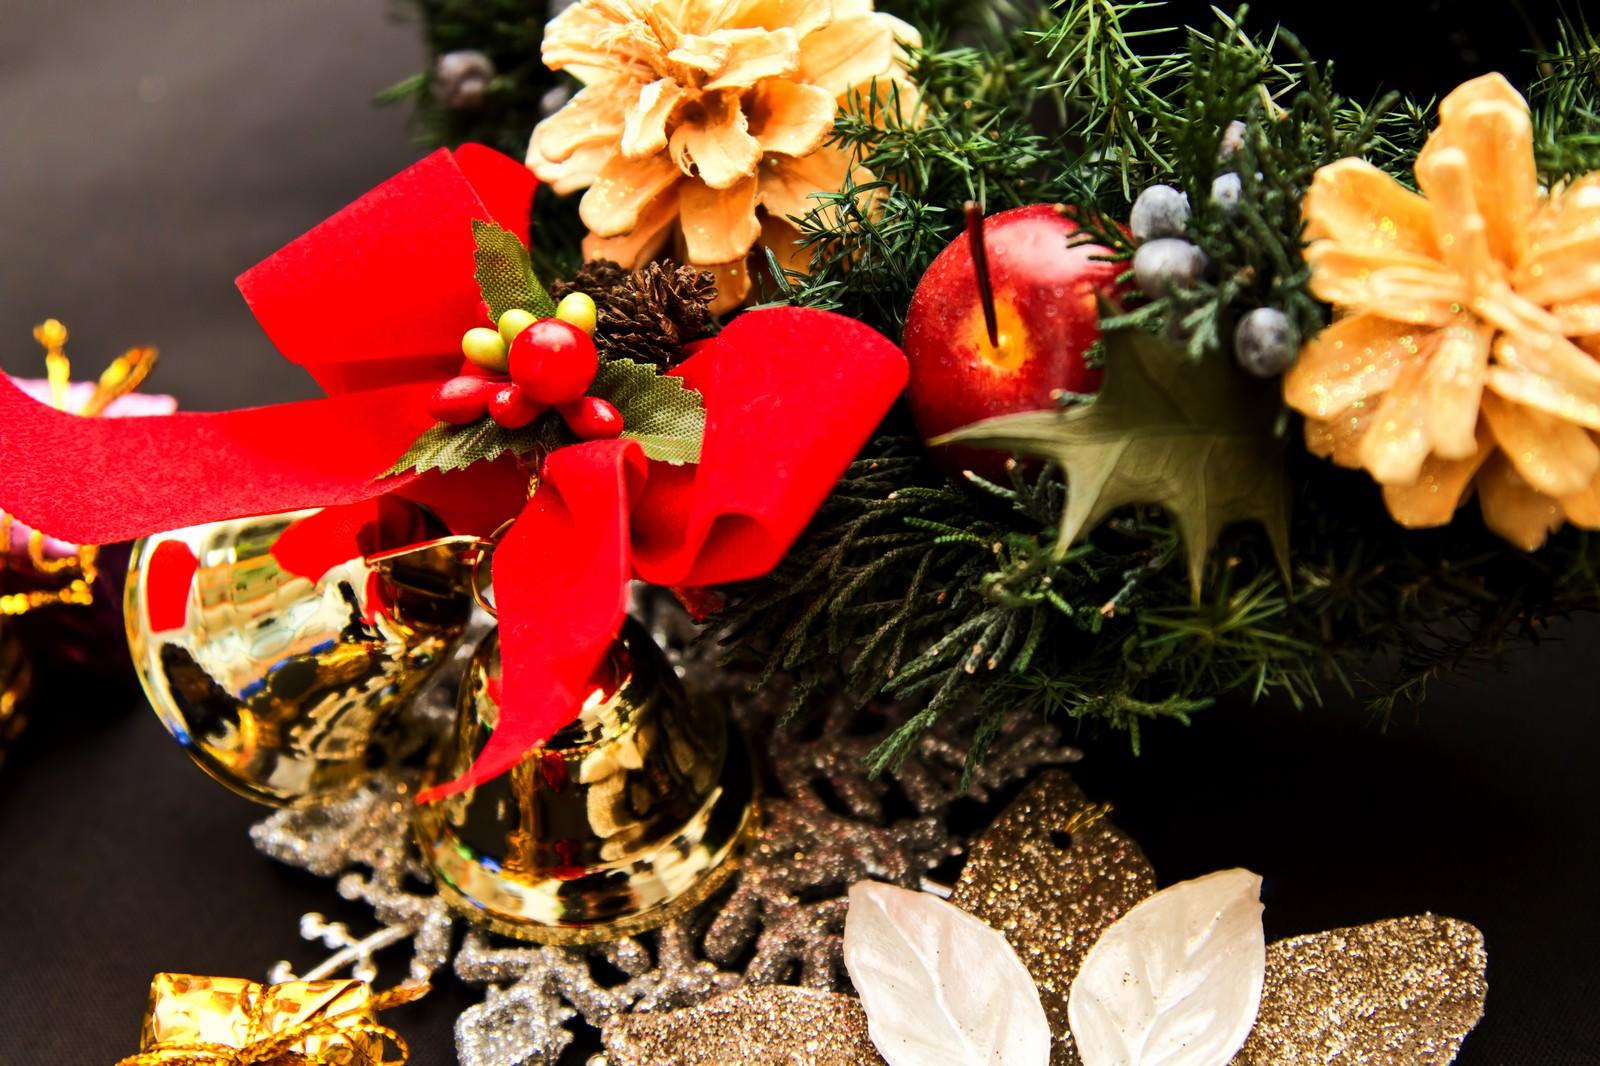 「クリスマス用の飾り(ベル等)」の写真